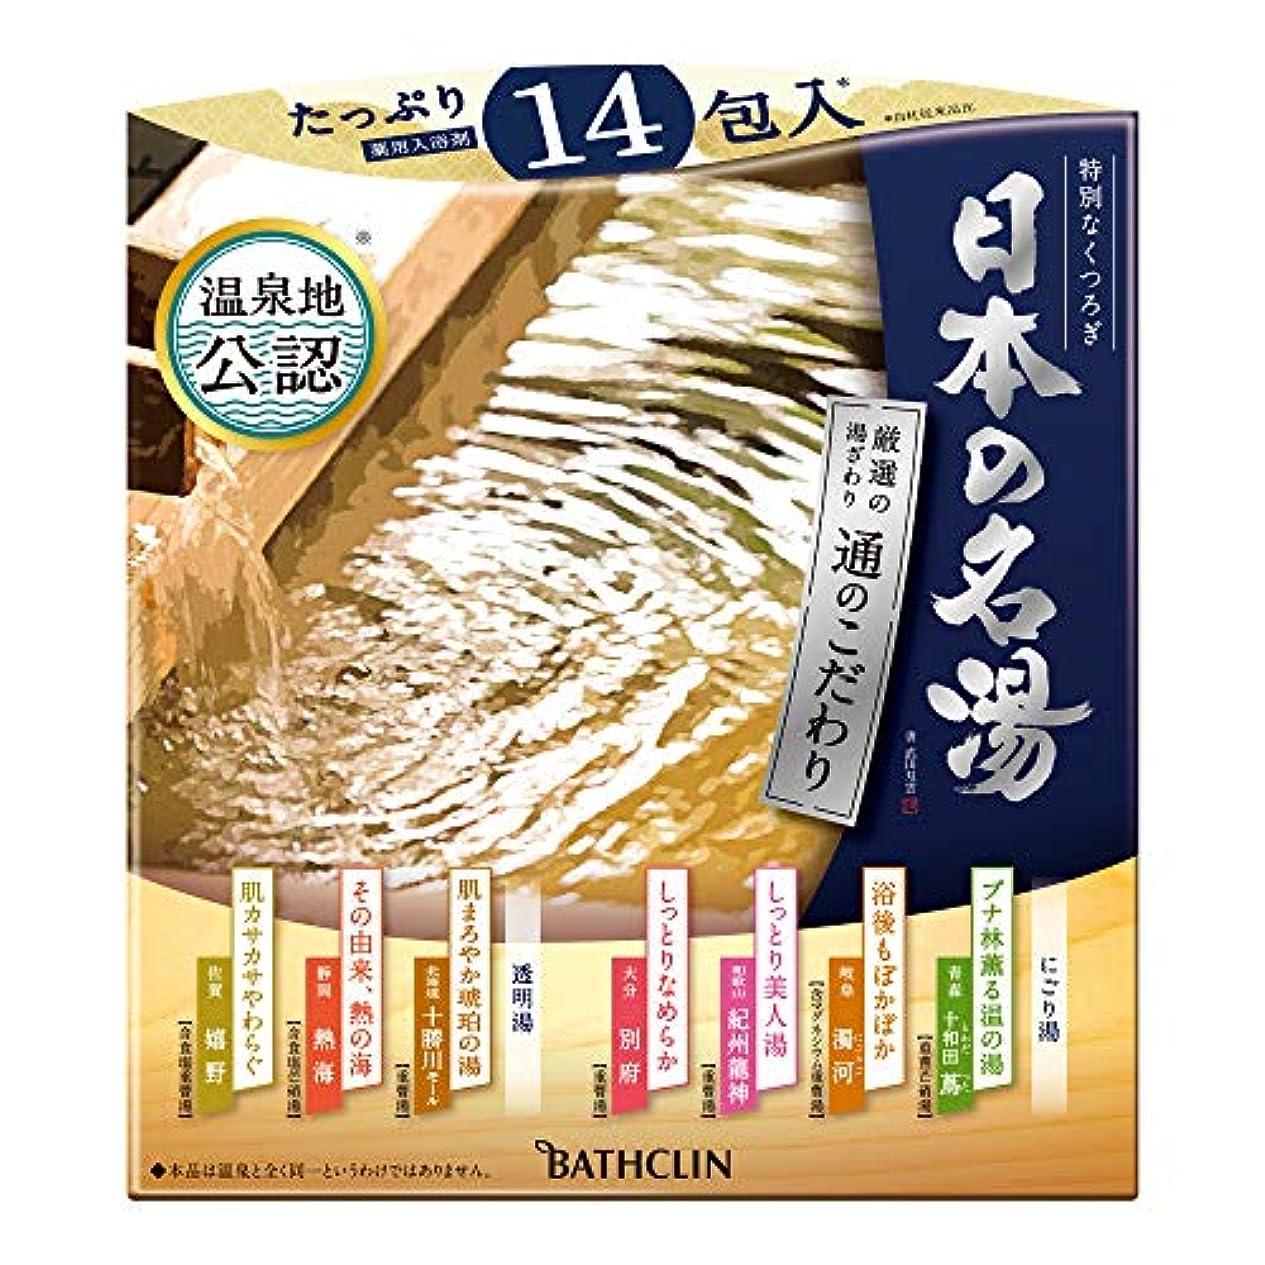 多様な体系的に習慣日本の名湯 通のこだわり 入浴剤 色と香りで情緒を表現した温泉タイプ入浴剤 セット 30g×14包